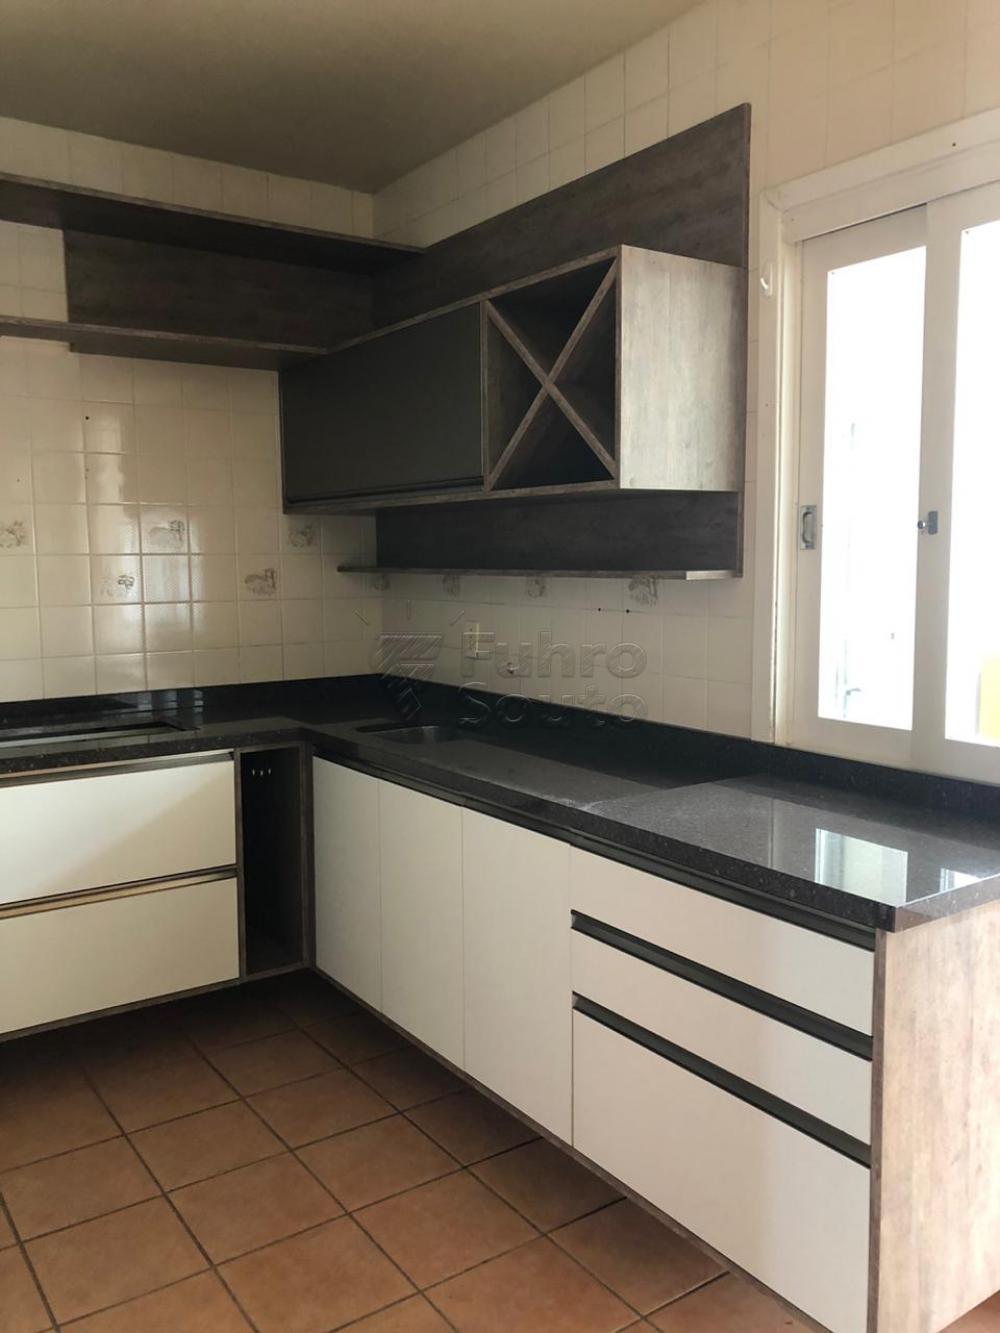 Comprar Apartamento / Padrão em Pelotas R$ 280.000,00 - Foto 7